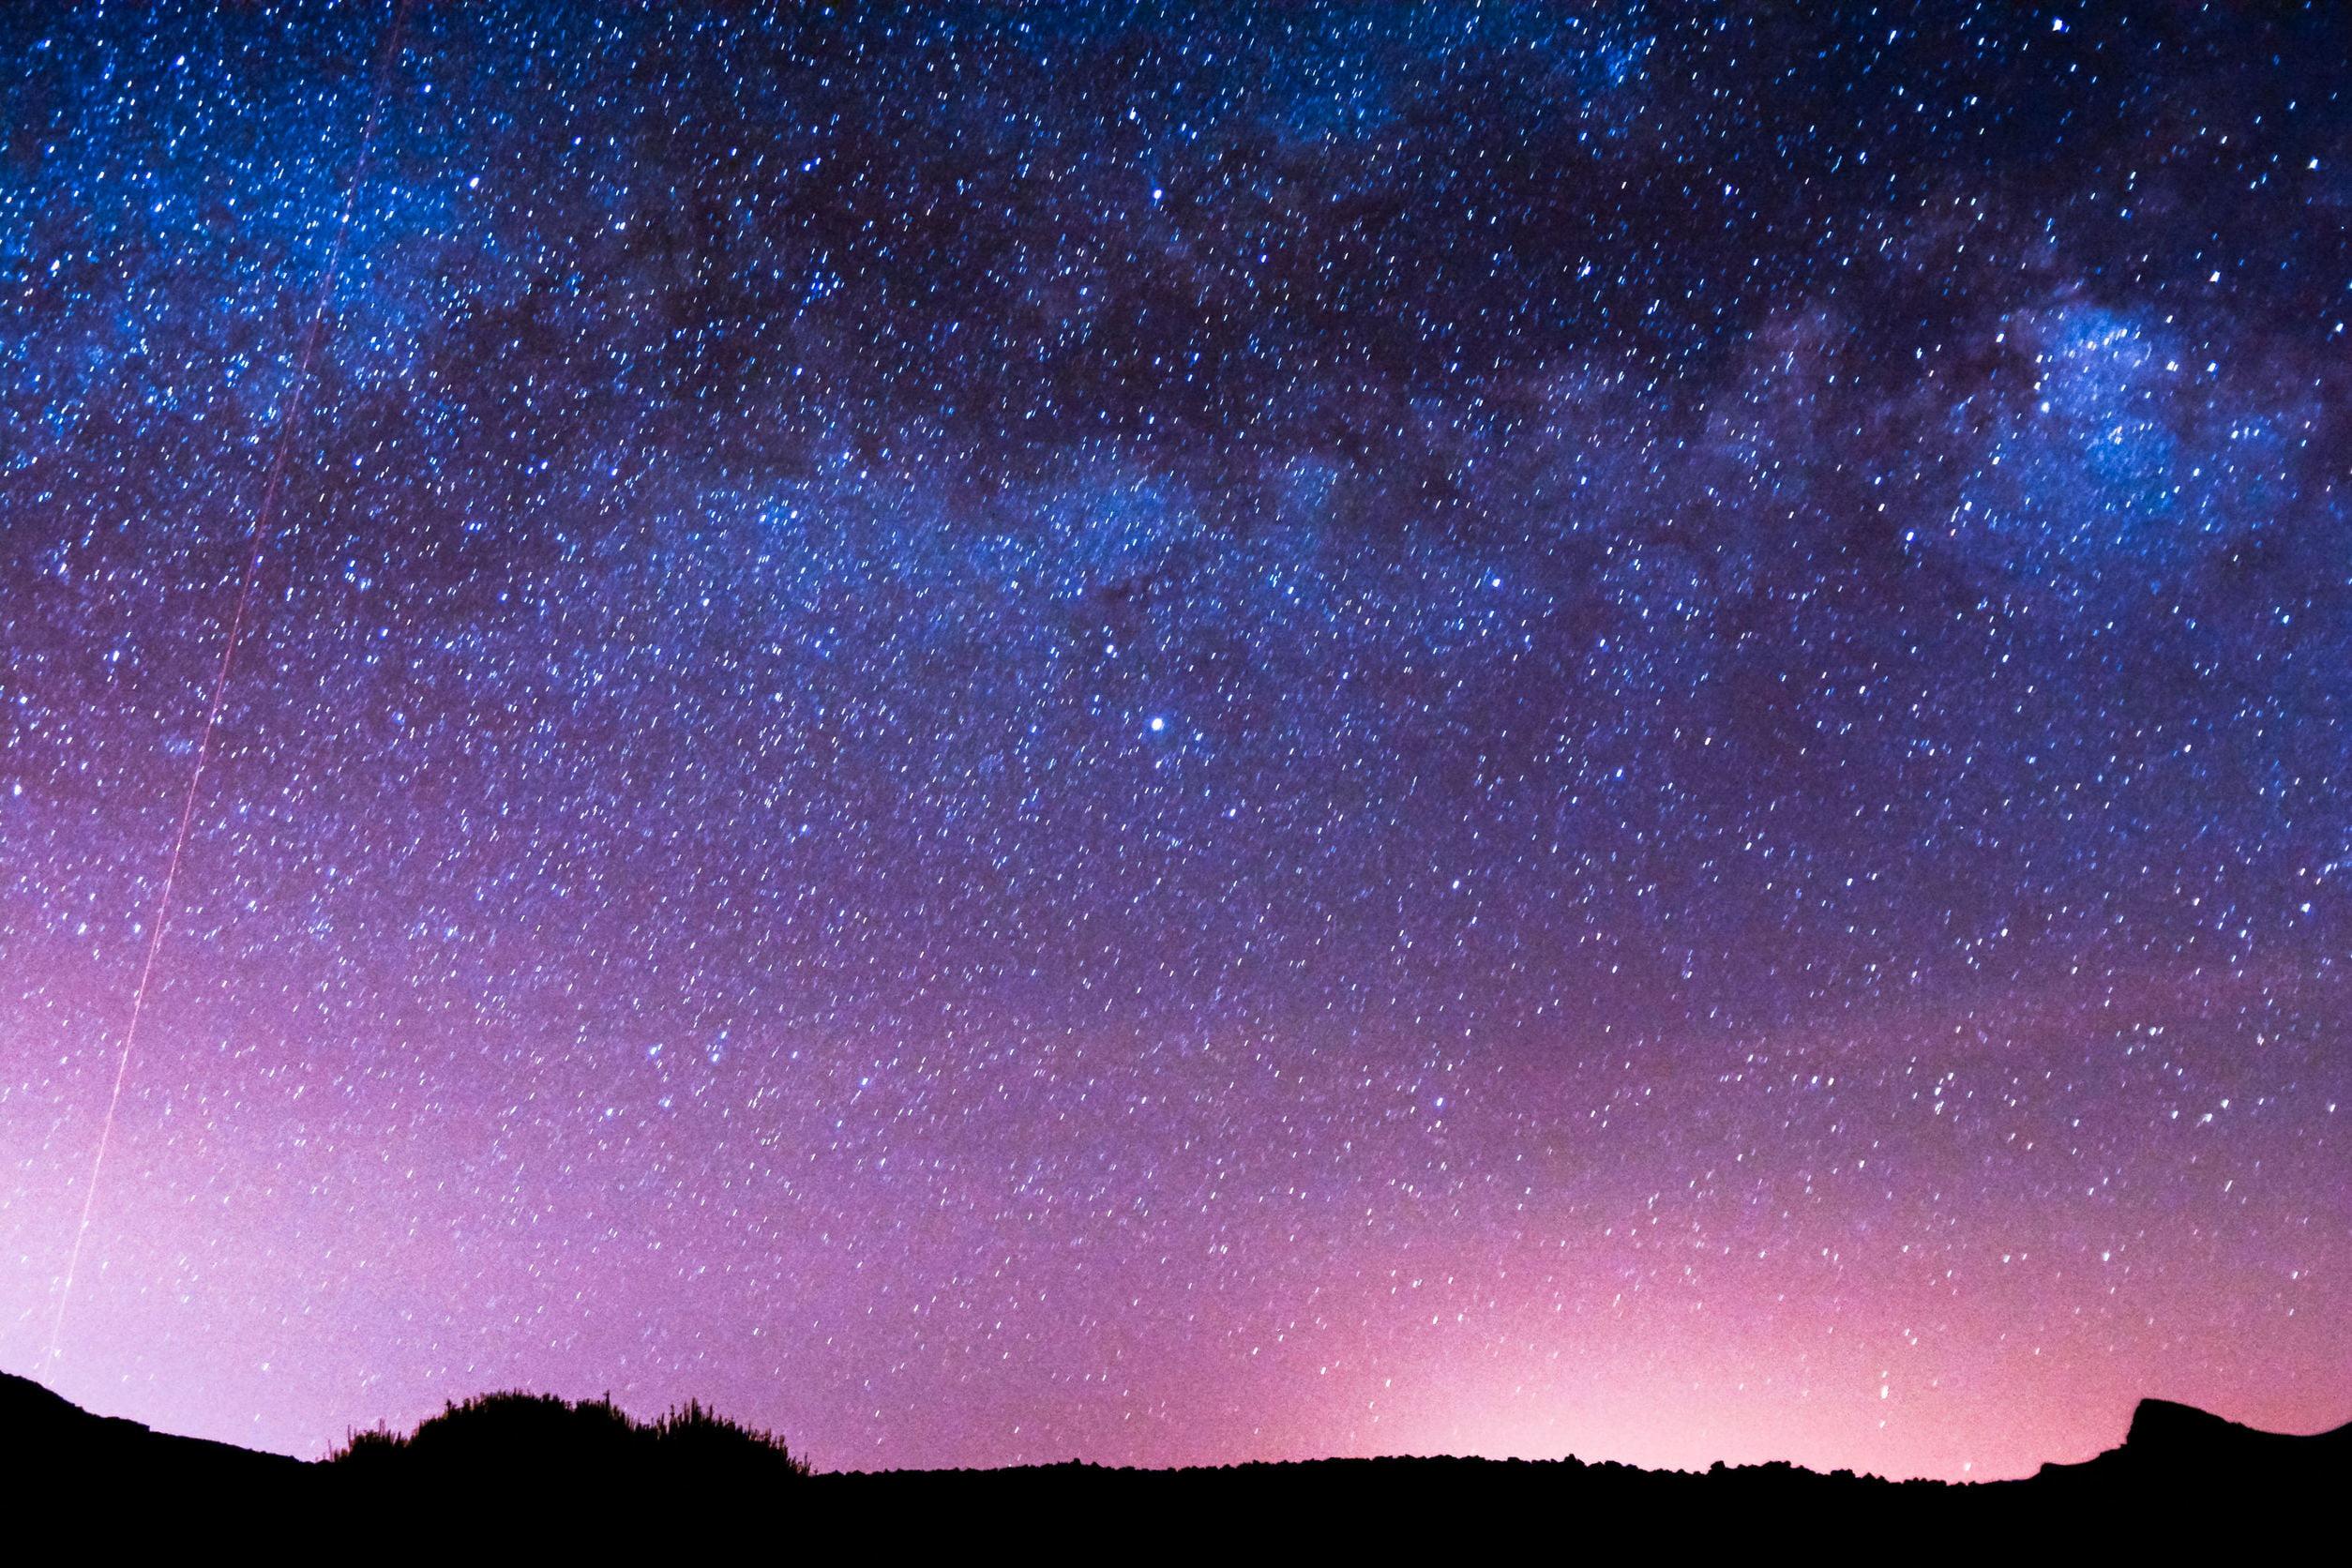 Bầu trời về đêm với màu hồng rất đẹp